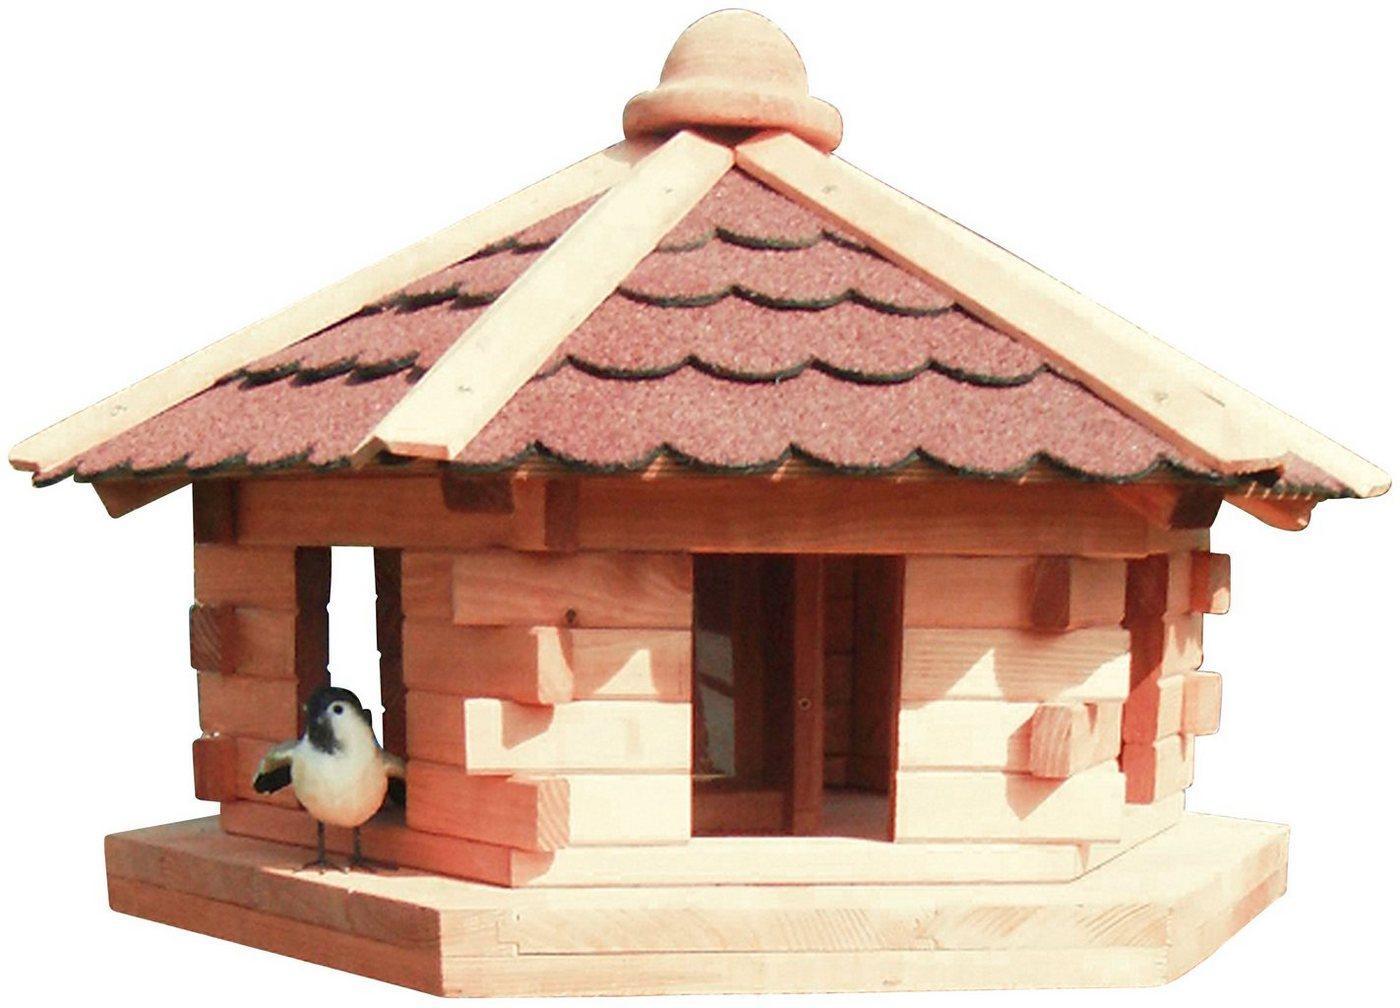 promadino Vogelhaus »Knusperhäuschen«, BxTxH: 59x50x38 cm